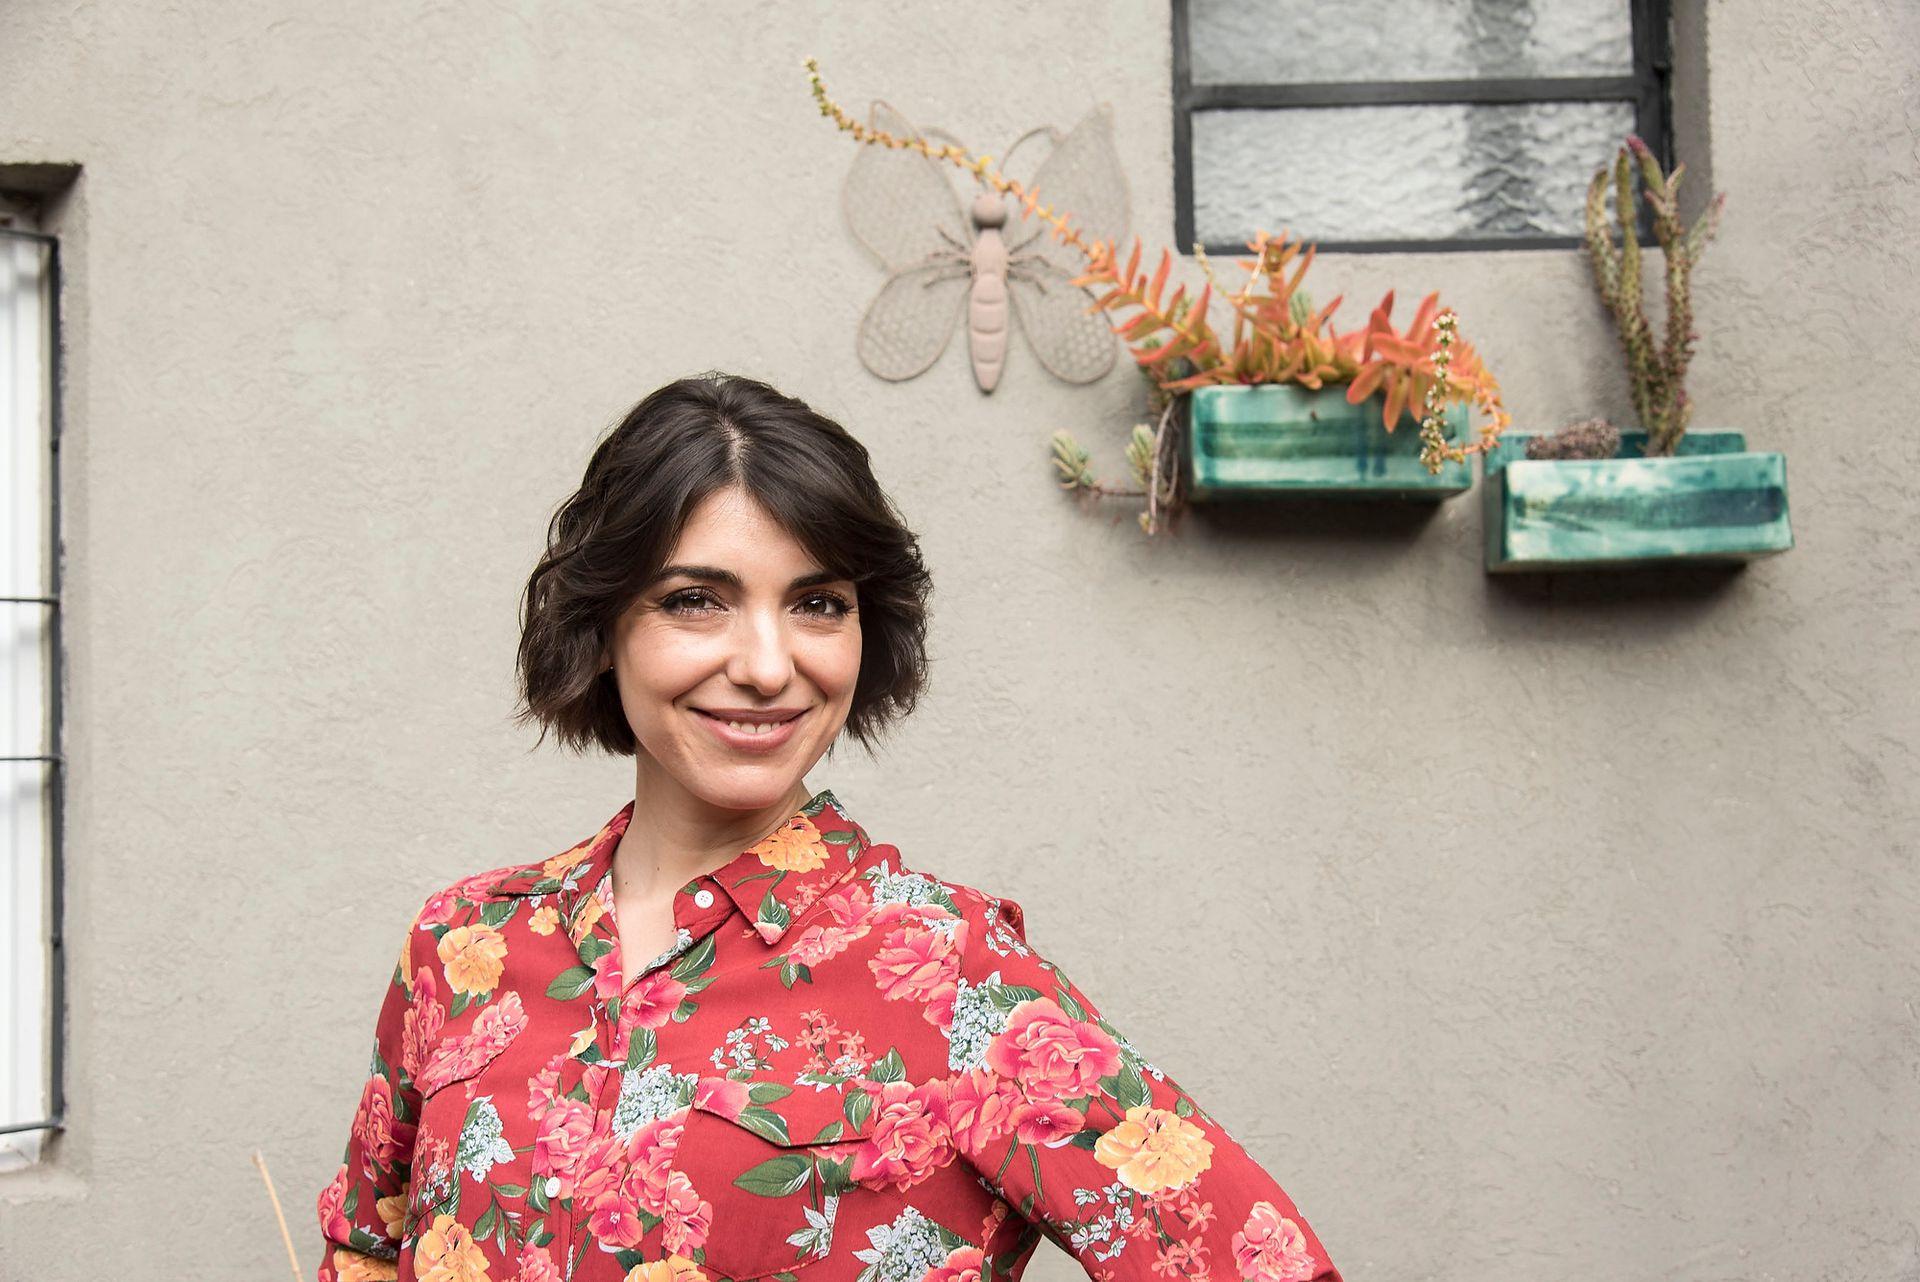 Magalí Sánchez Alleno, la carismática conductora de Seguimos educando y de Pakapaka, en el coqueto patio de su casa del barrio Agronomía.